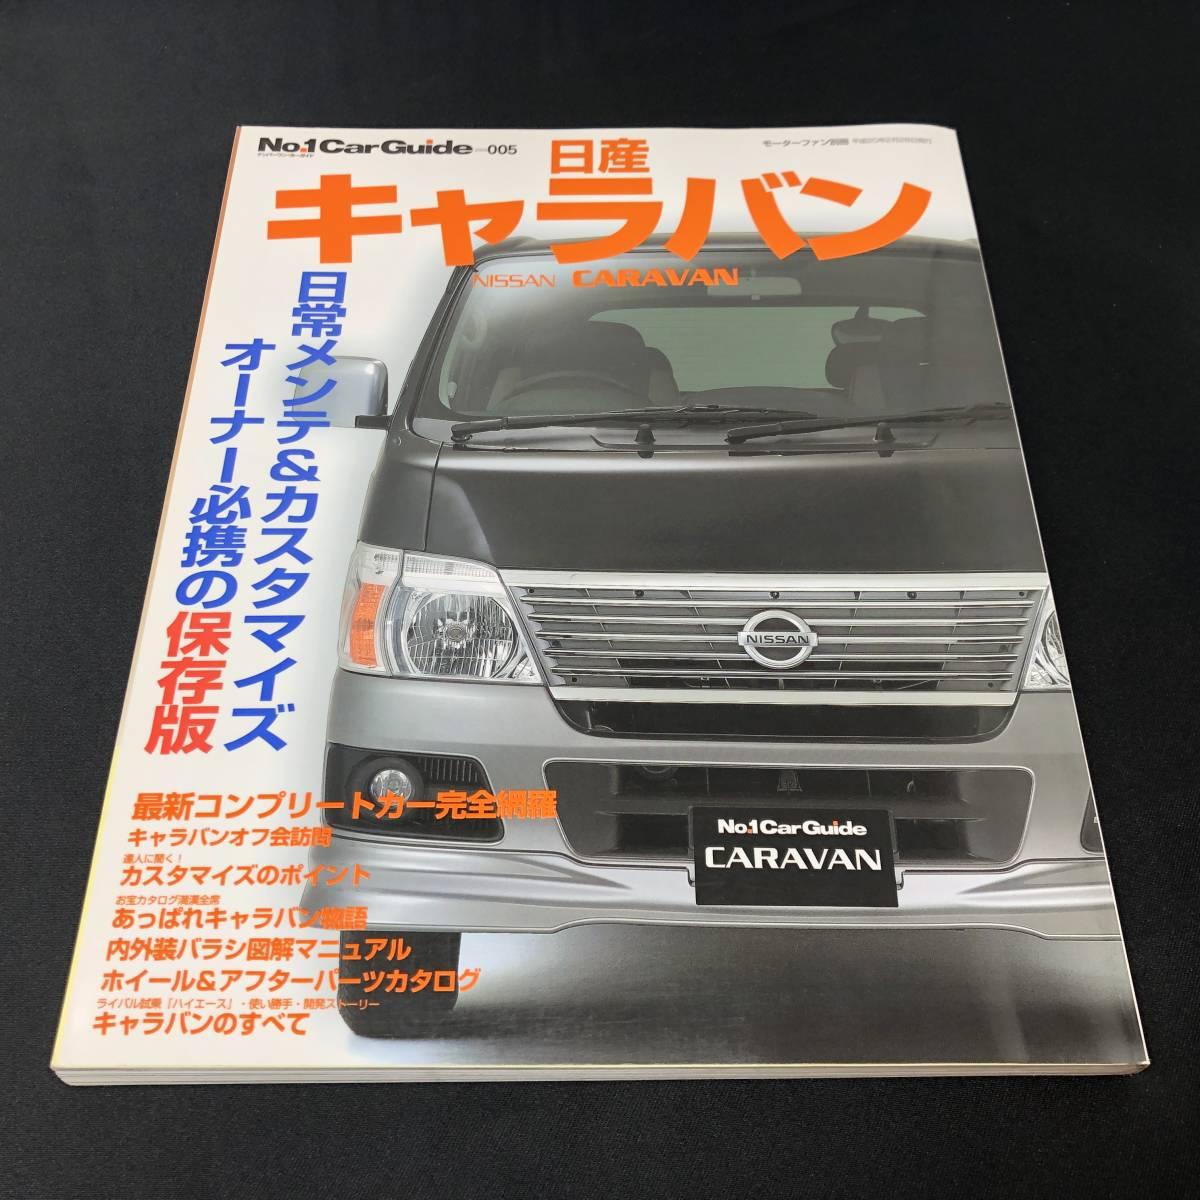 日産キャラバン E25キャラバンの定番メンテナンス&カスタマイズ トランスポーター キャンパー